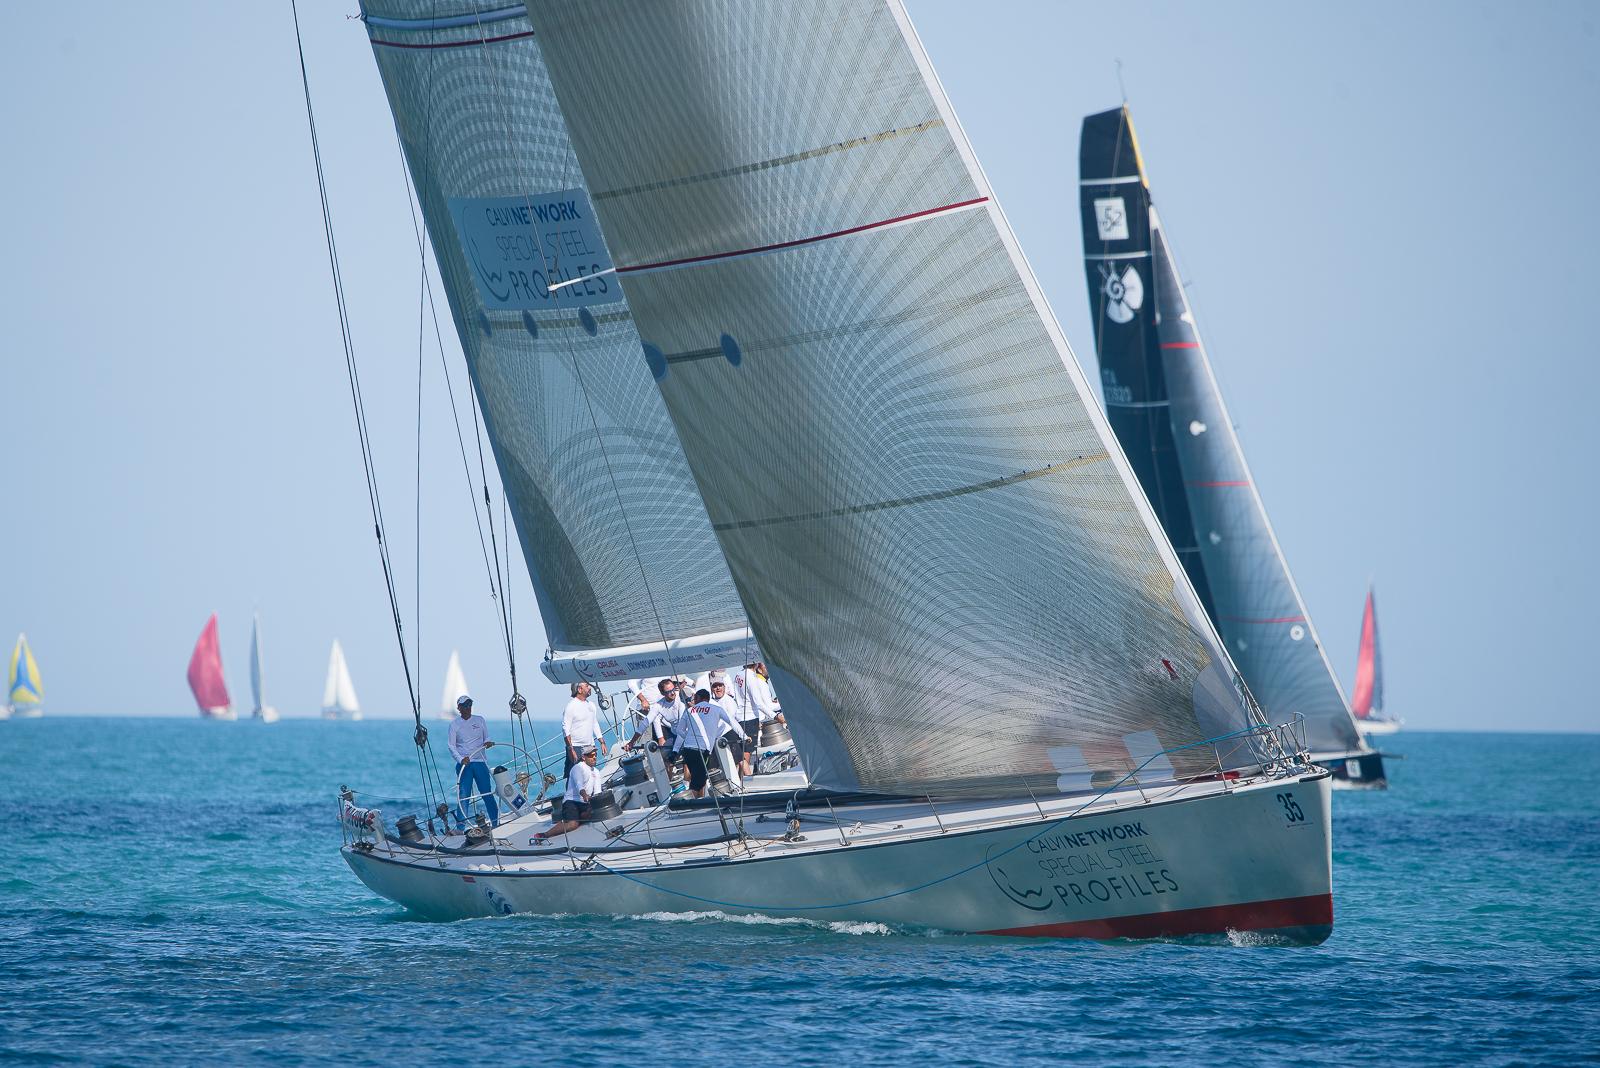 Idrusa barca vincitrice della Regata del Conero 2019...